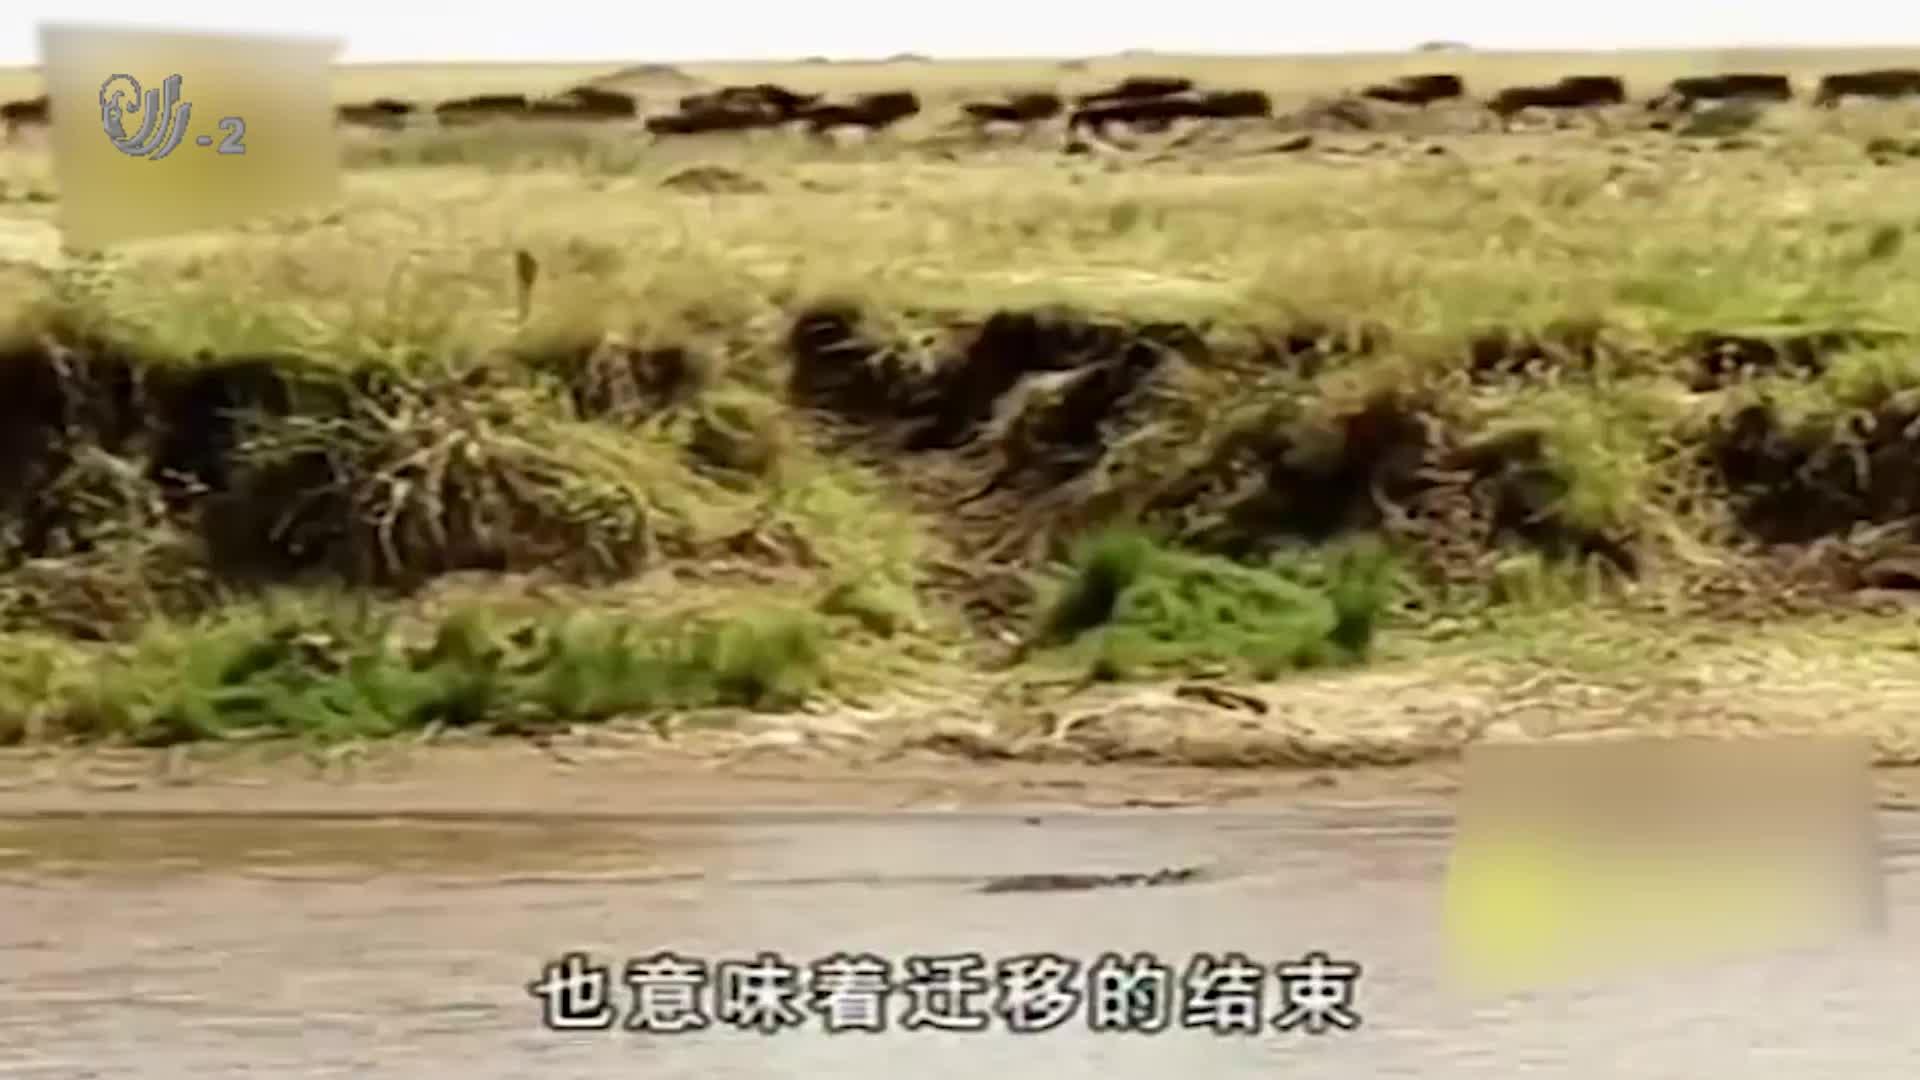 角马被鳄鱼抓住,在水中死命挣扎,但却被鳄鱼活吞了